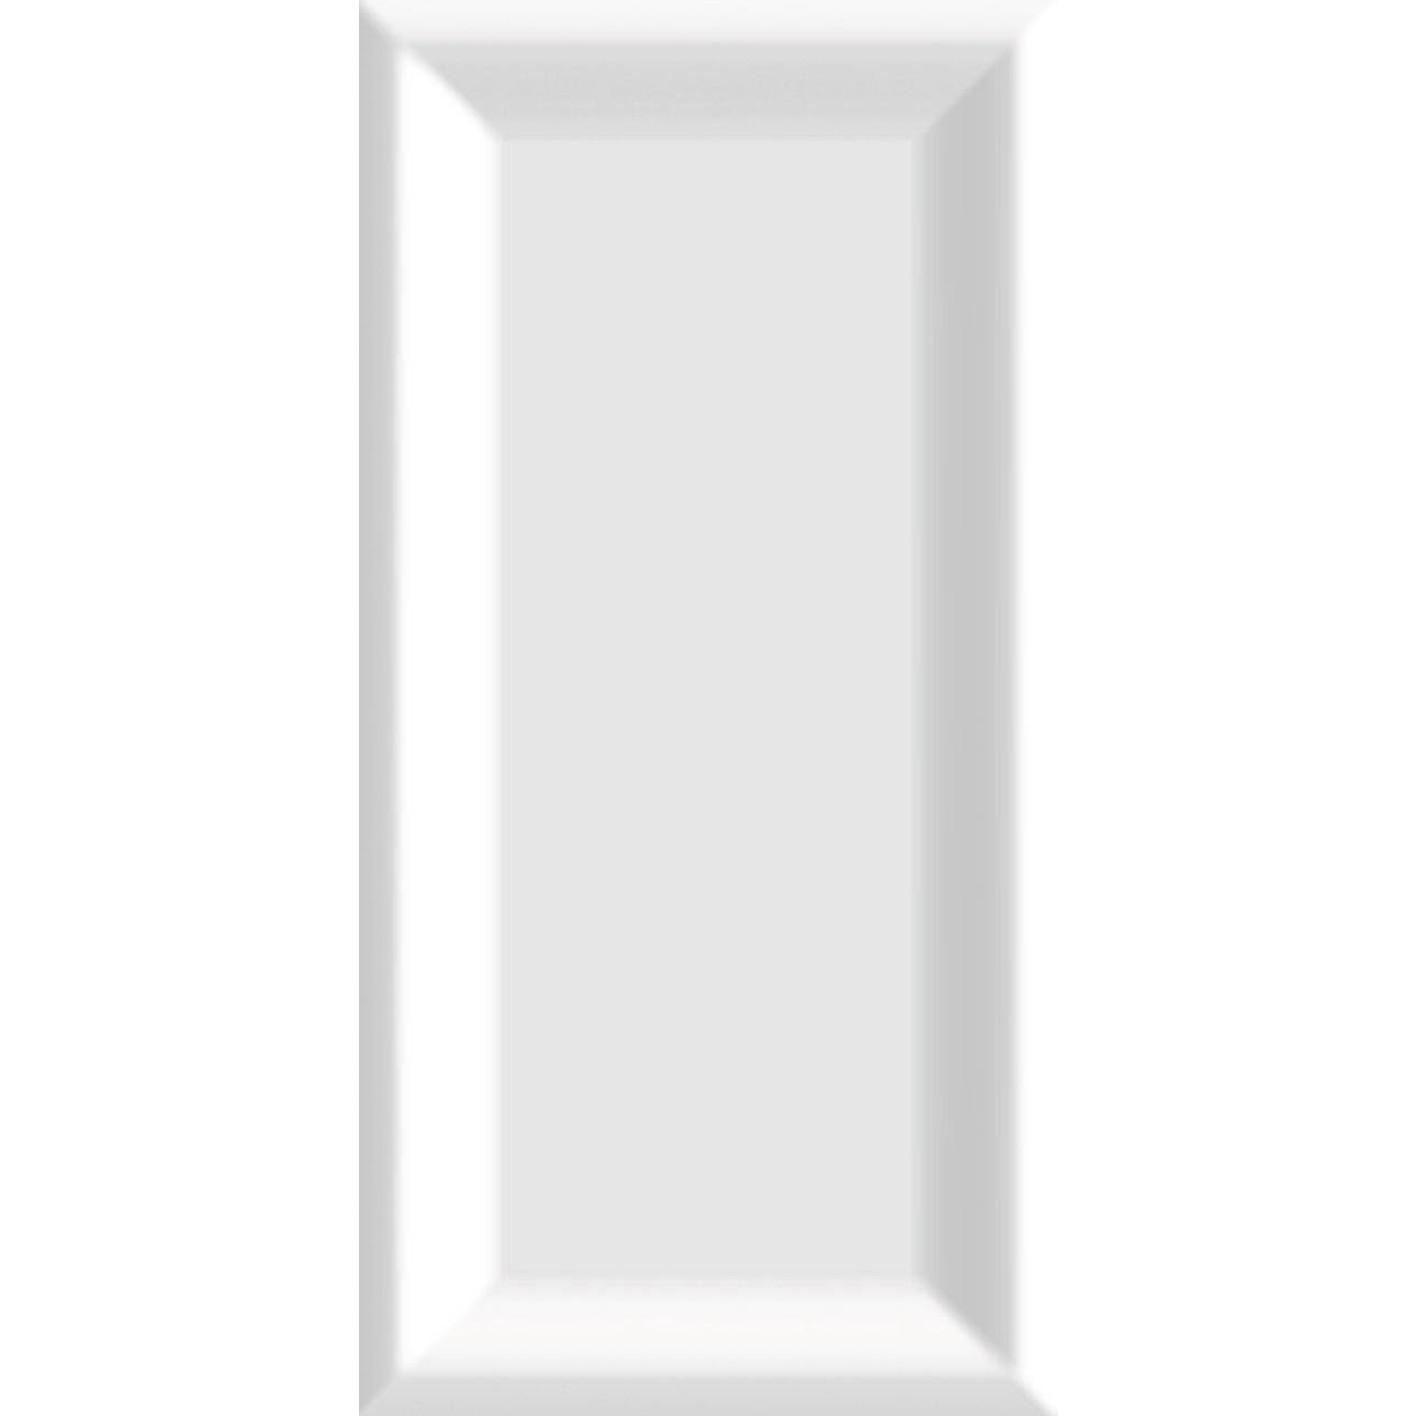 Revestimento Tipo A 75x154 cm Esmaltado Mate Mondrian White - Roca